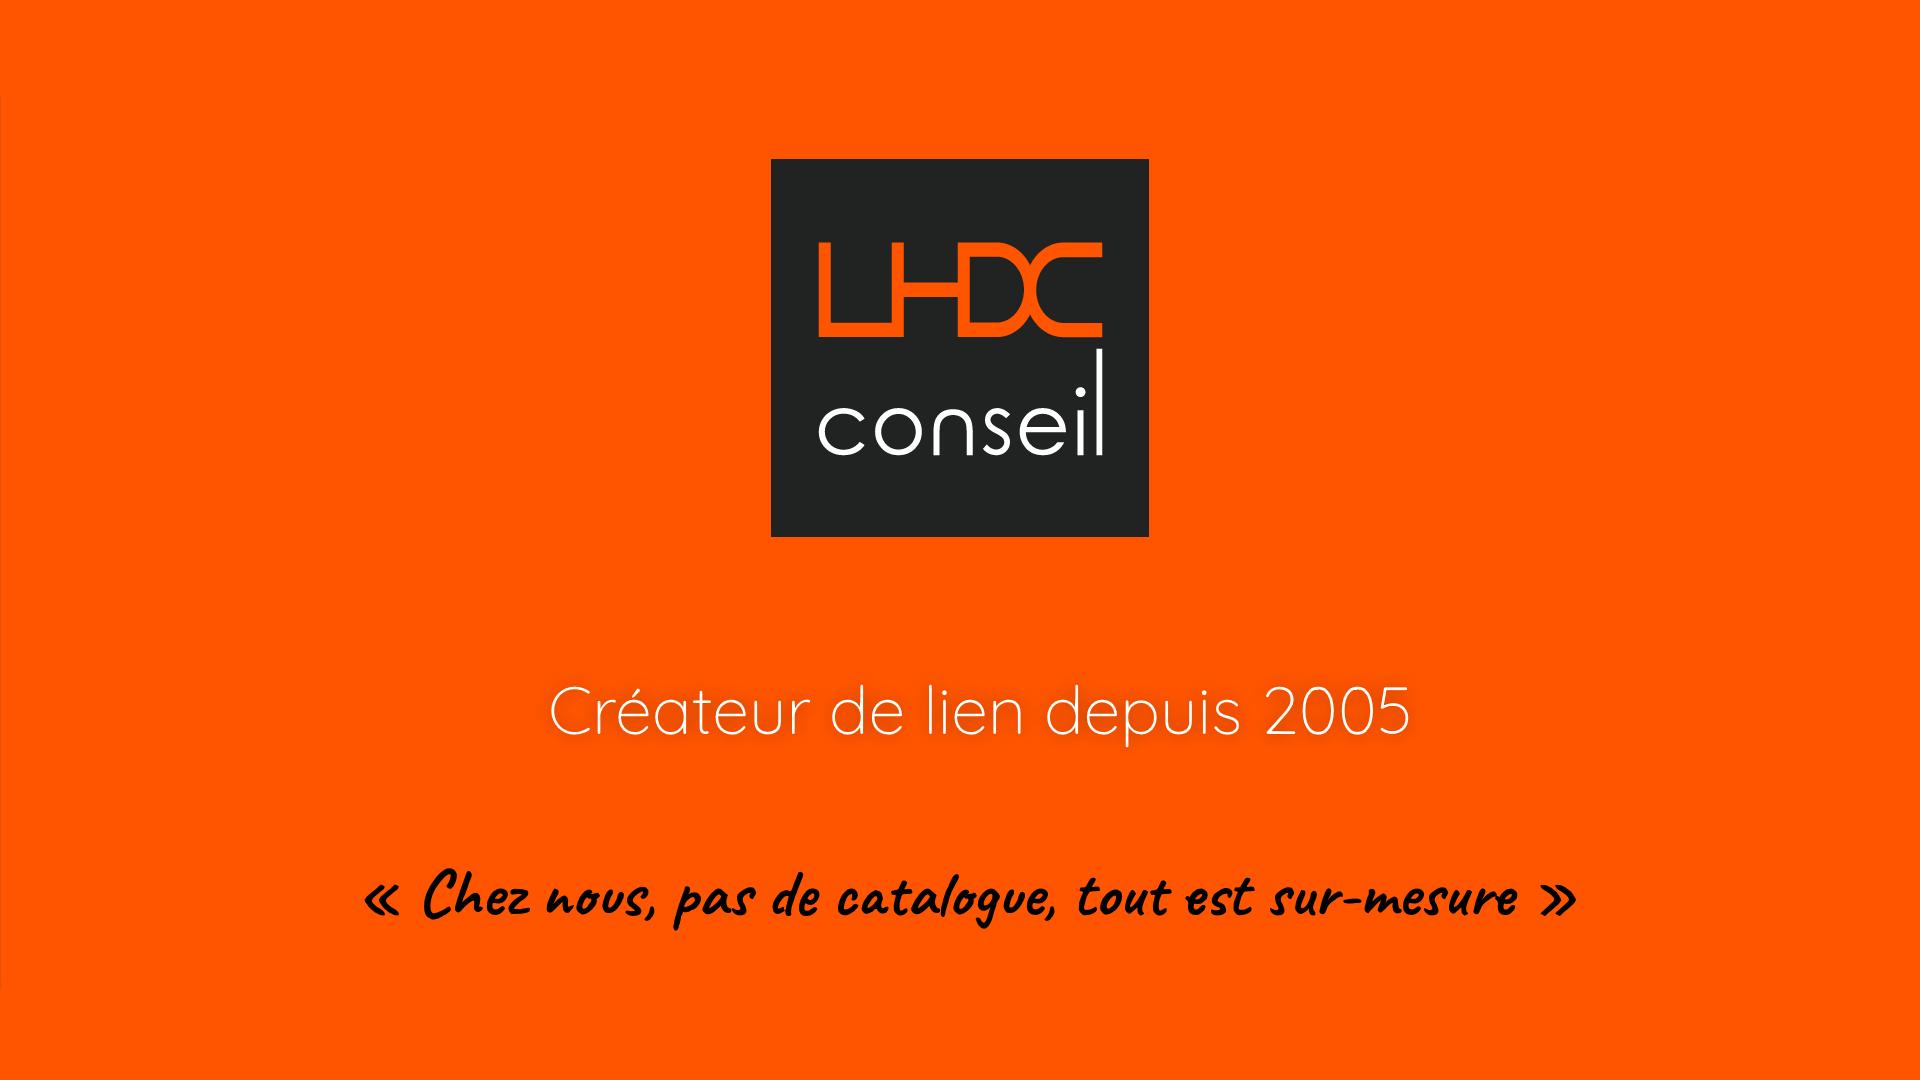 LHDC Conseil